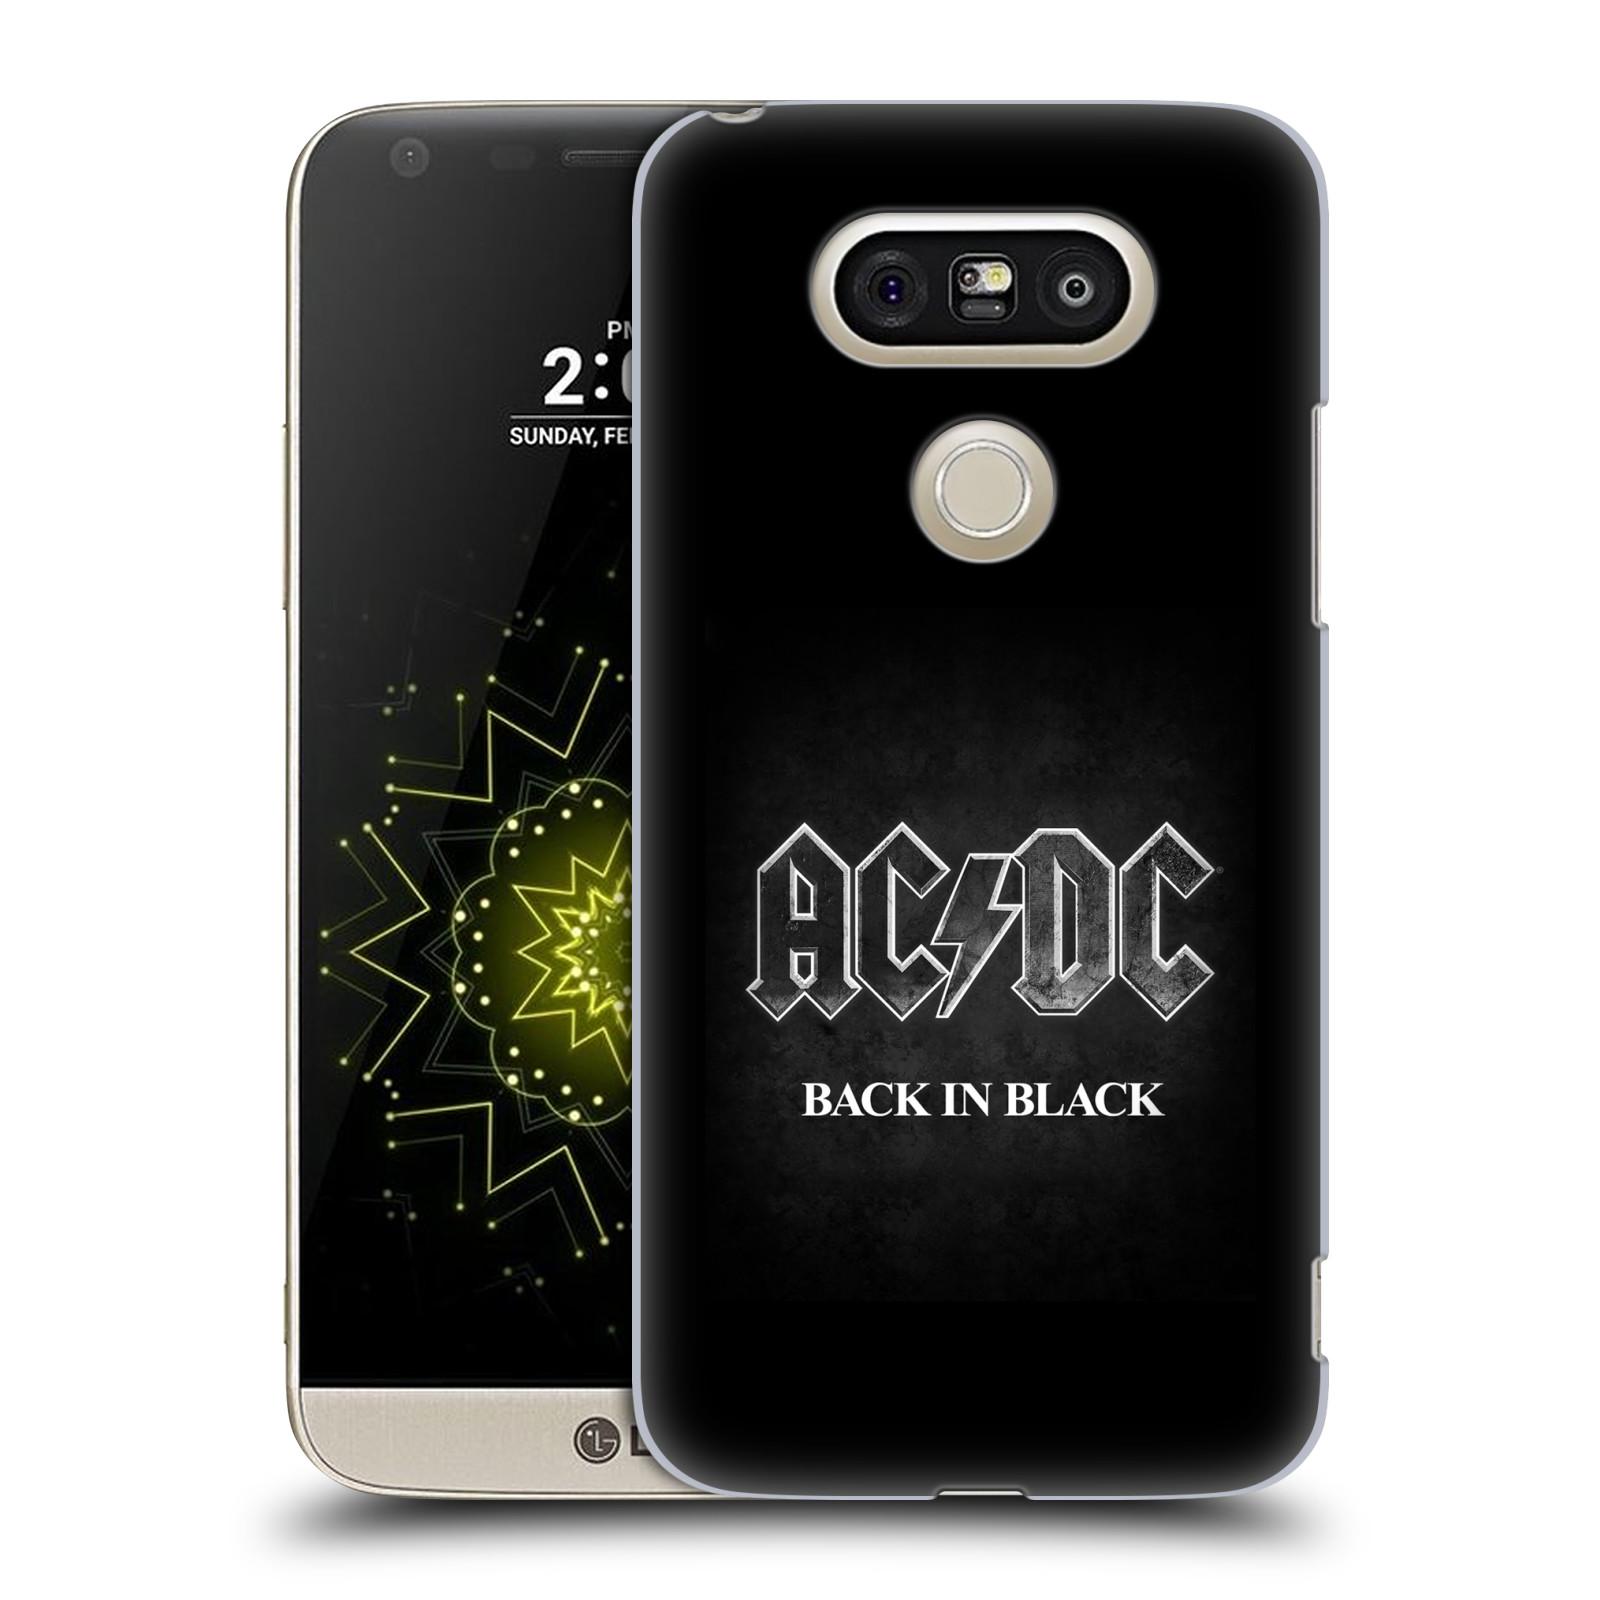 Plastové pouzdro na mobil LG G5 SE - Head Case - AC/DC BACK IN BLACK (Plastový kryt či obal na mobilní telefon LG G5 SE H840 s motivem AC/DC BACK IN BLACK)